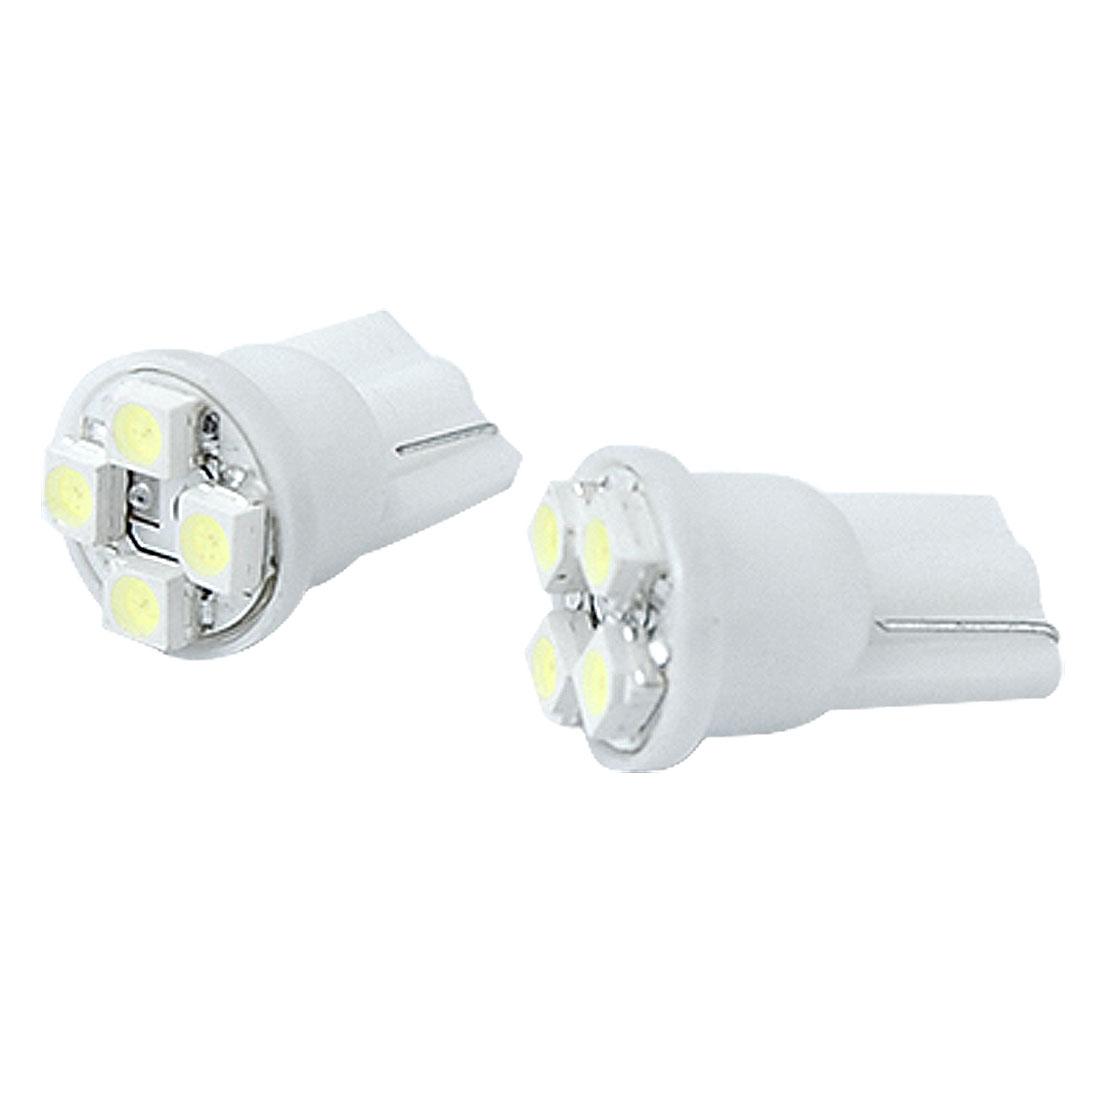 DC 12V White 4 1210 SMD LED T10 W5W Car Wedge Light Tail Lamp Bulb 2 Pcs